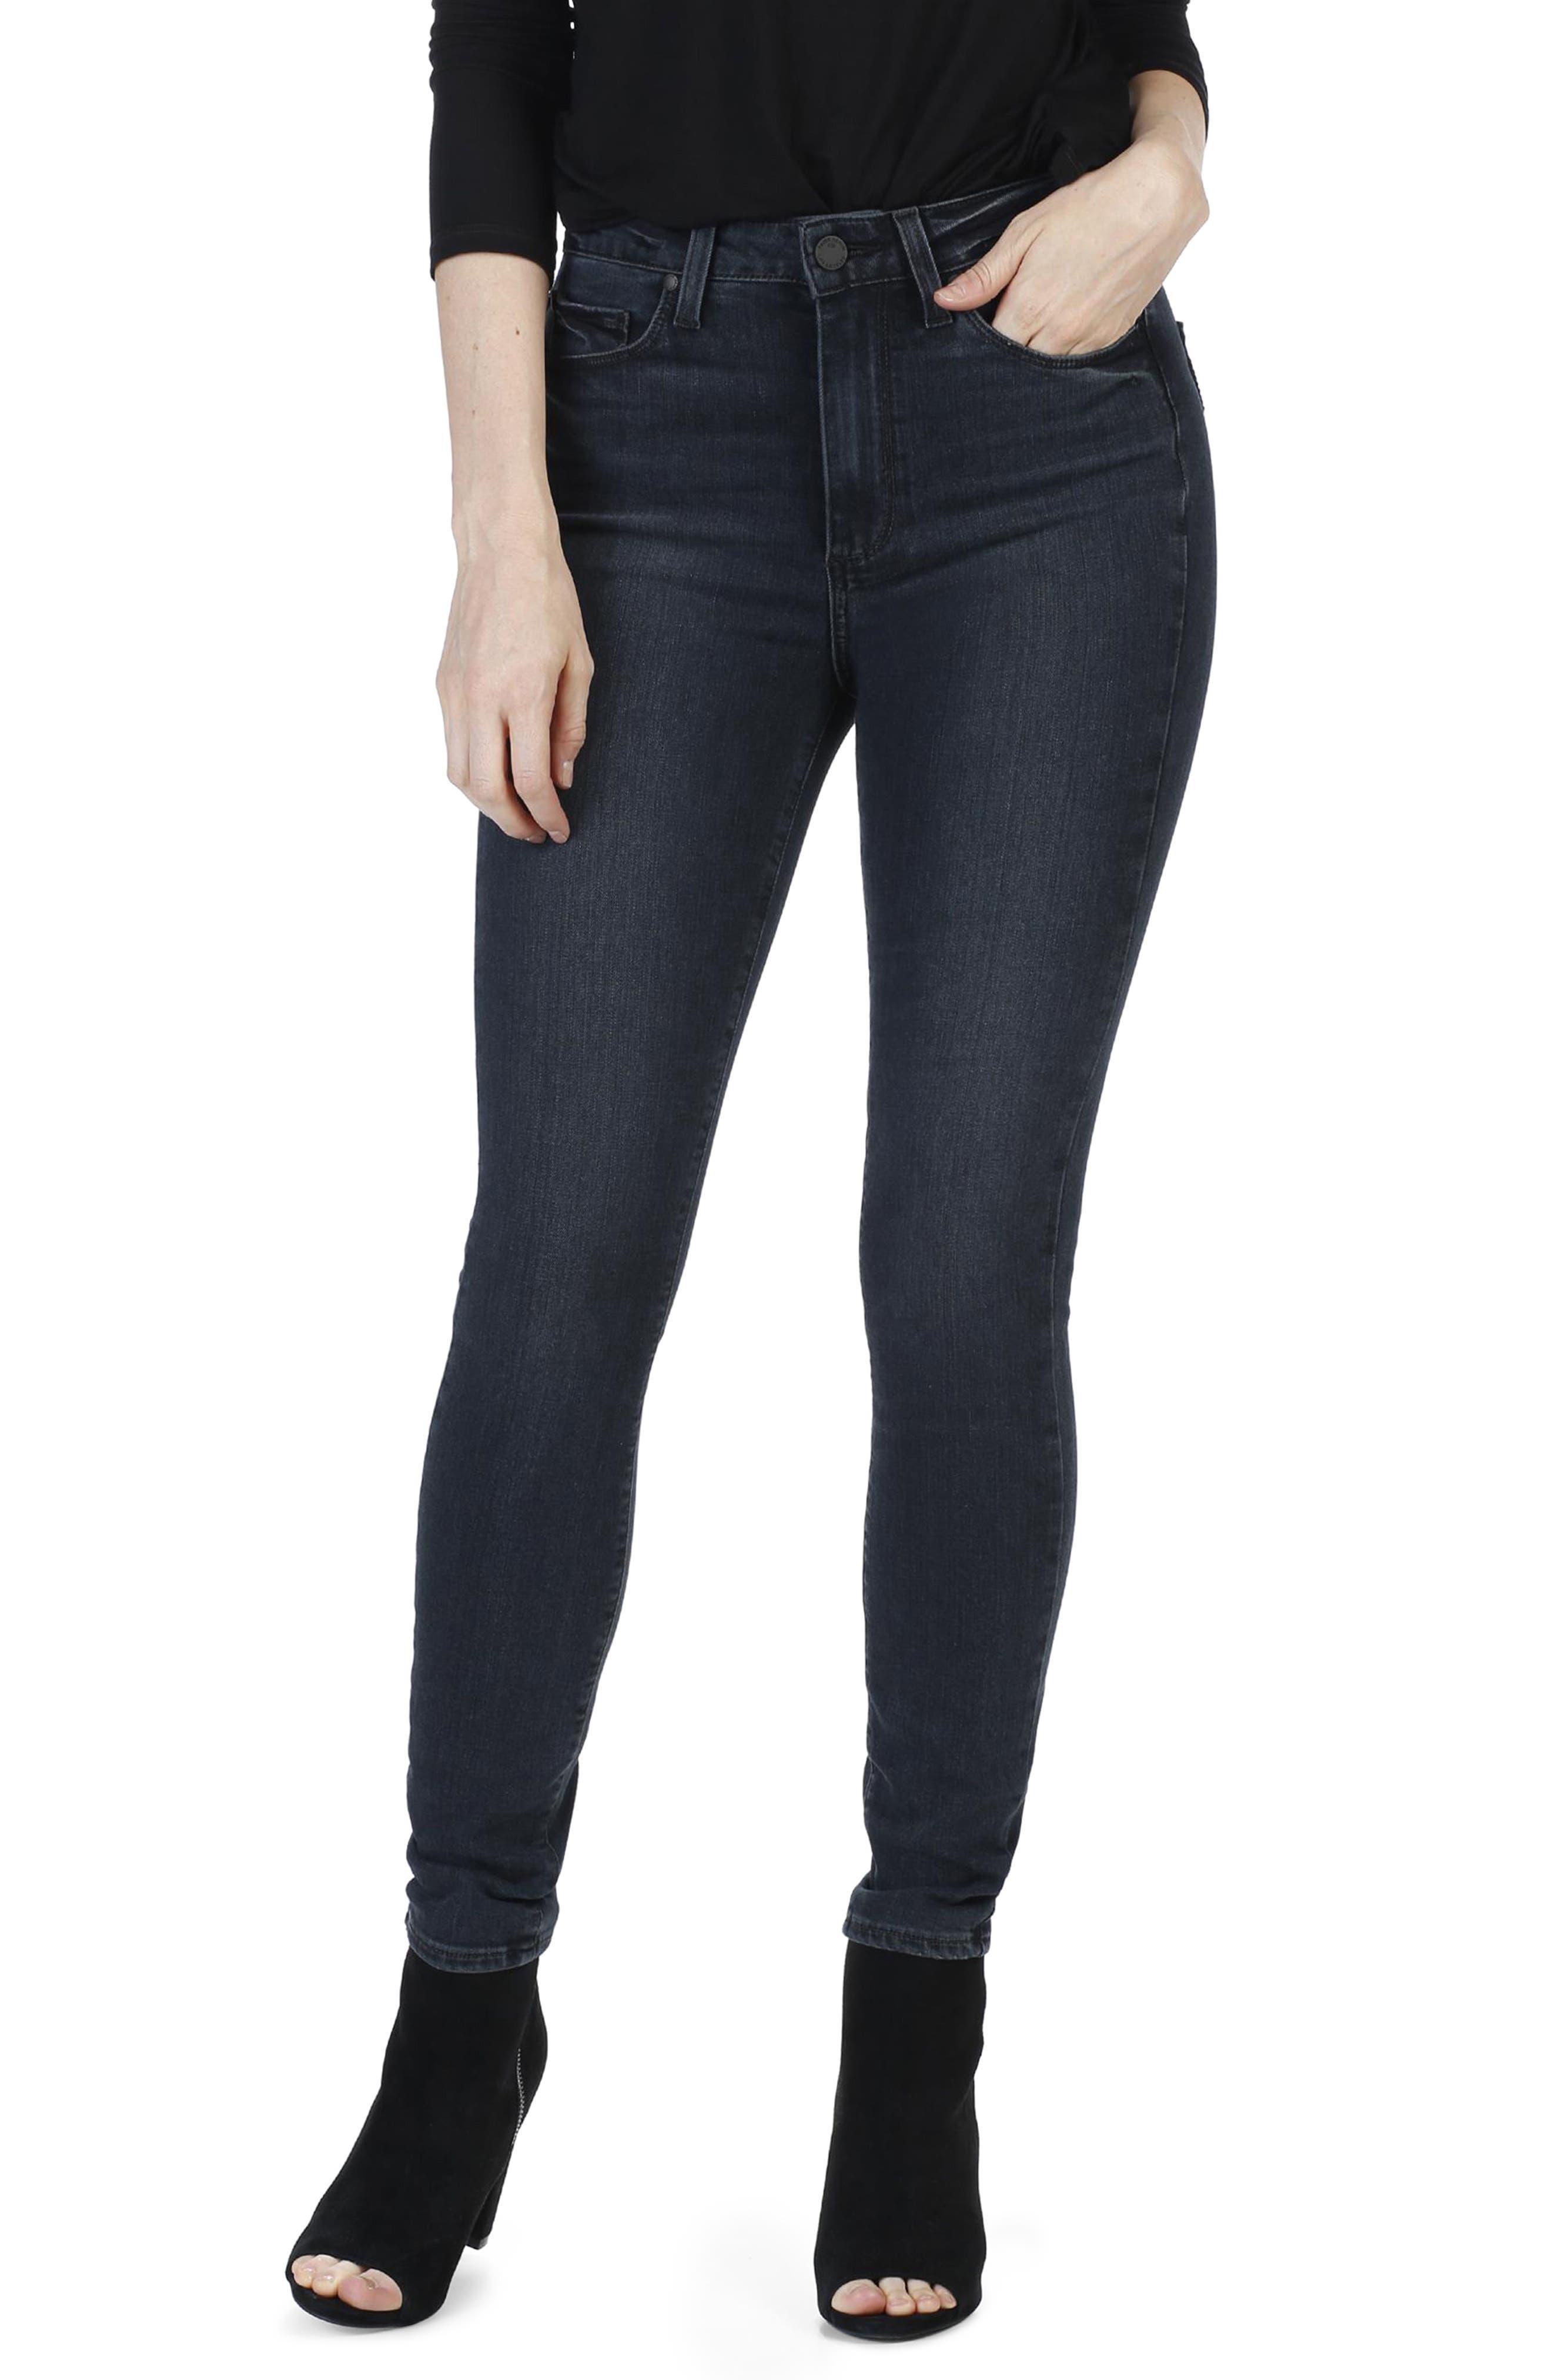 Transcend - Margot Ultra Skinny Jeans,                         Main,                         color, 400